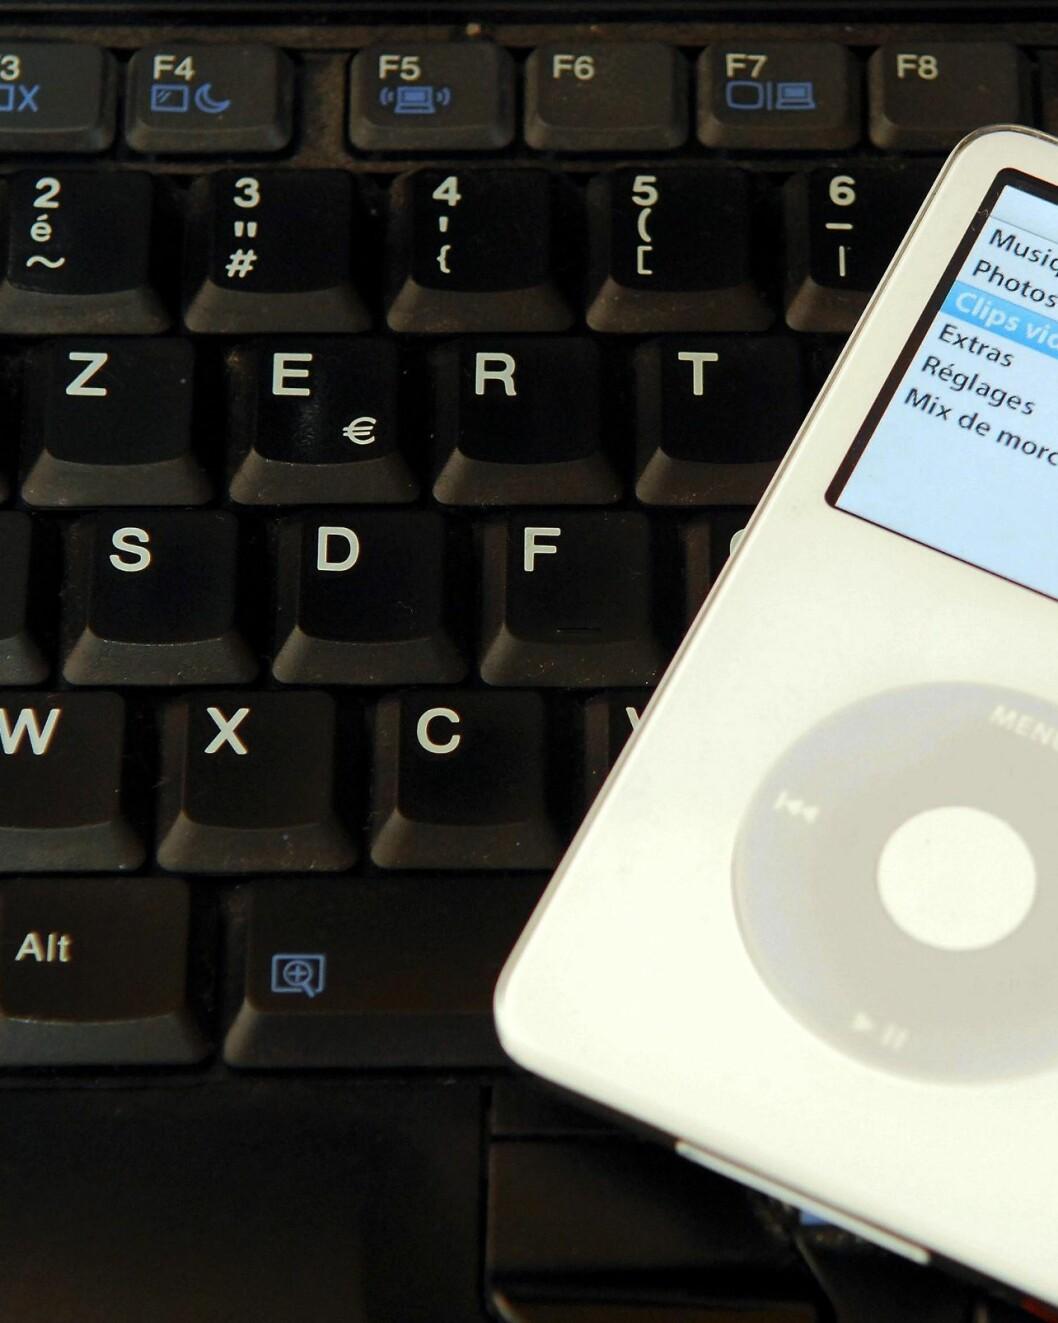 Sjekk ut prisene før du antar at elektronikken er billigere utenfor Norges grenser. Foto: Colourbox.com